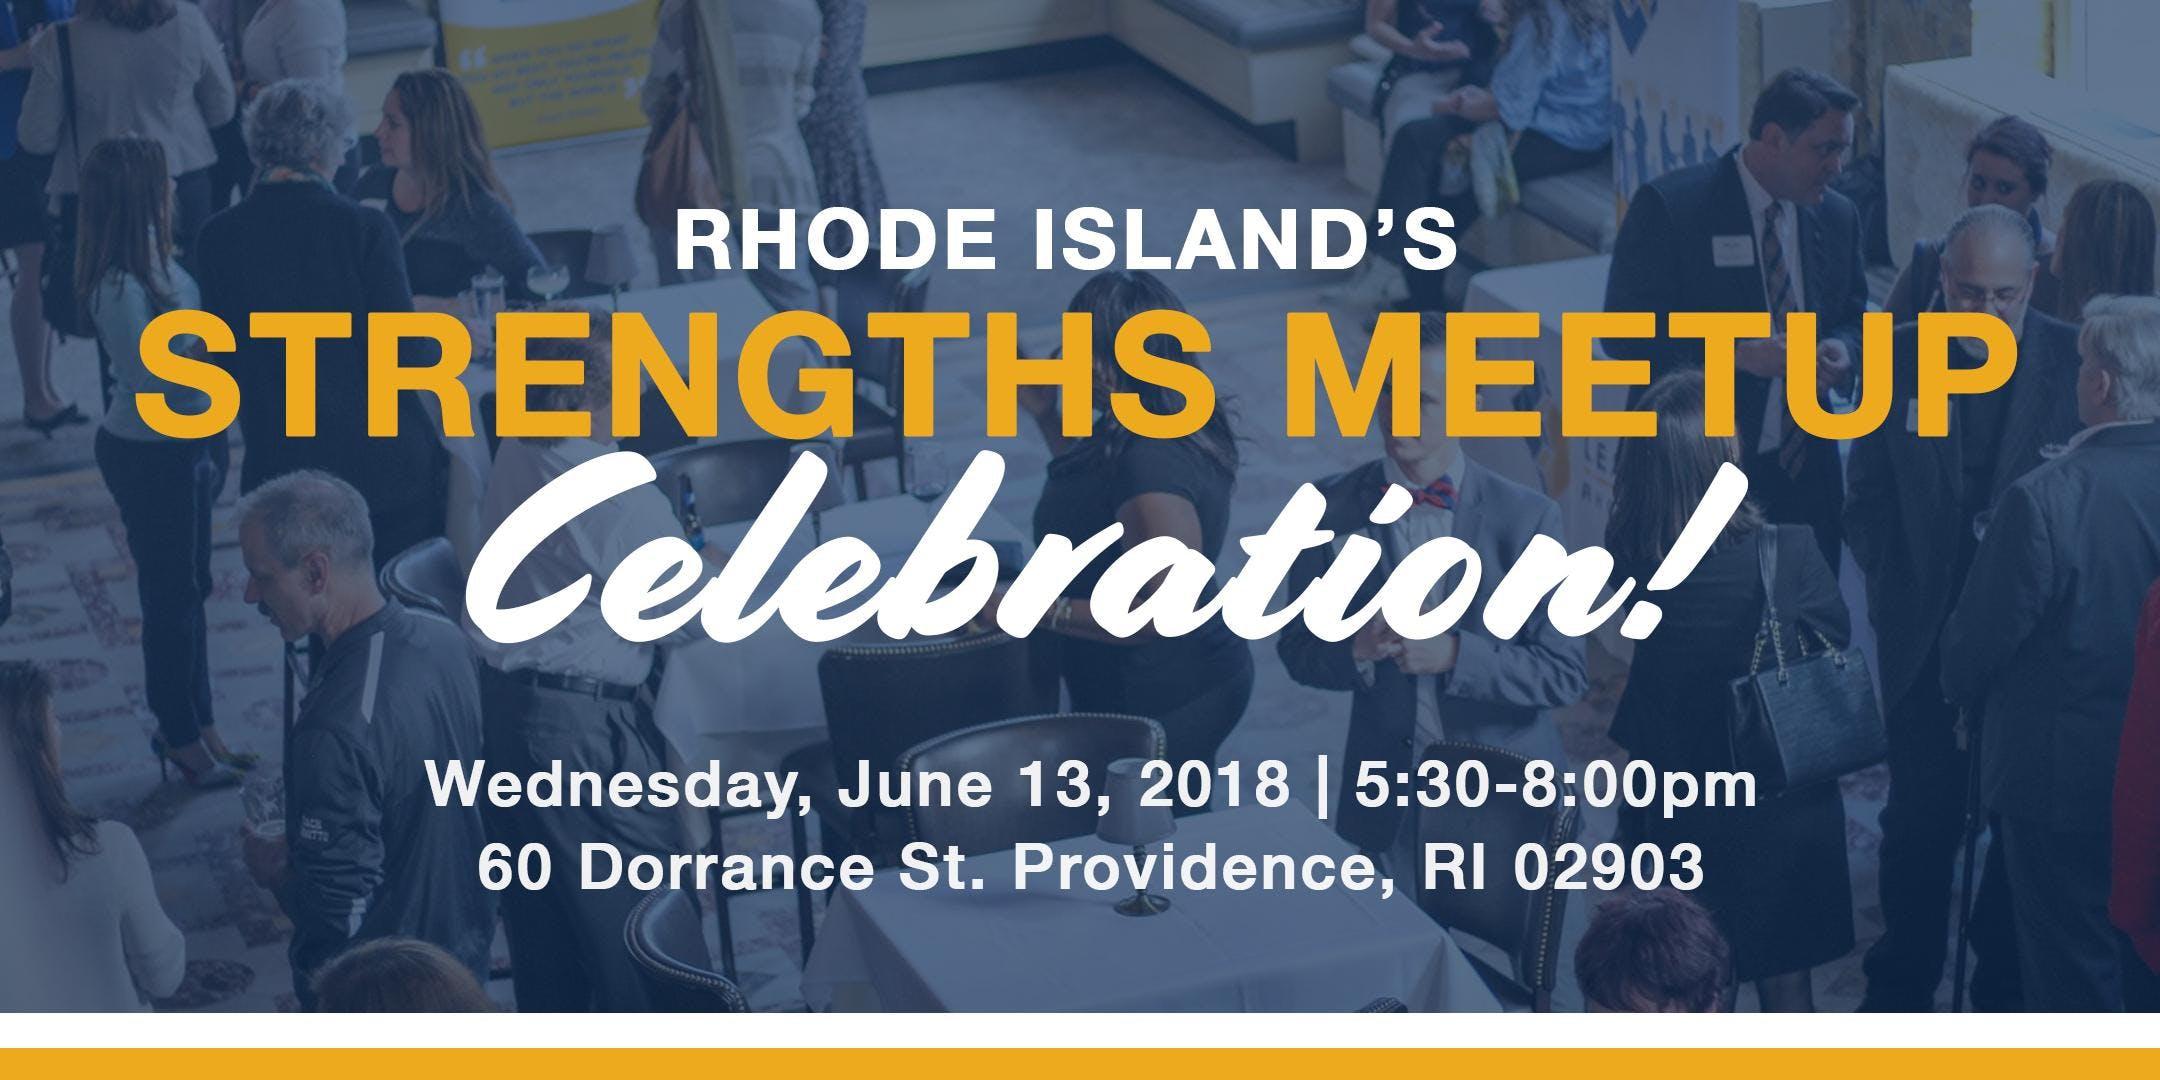 RIs Strengths Meetup Celebration